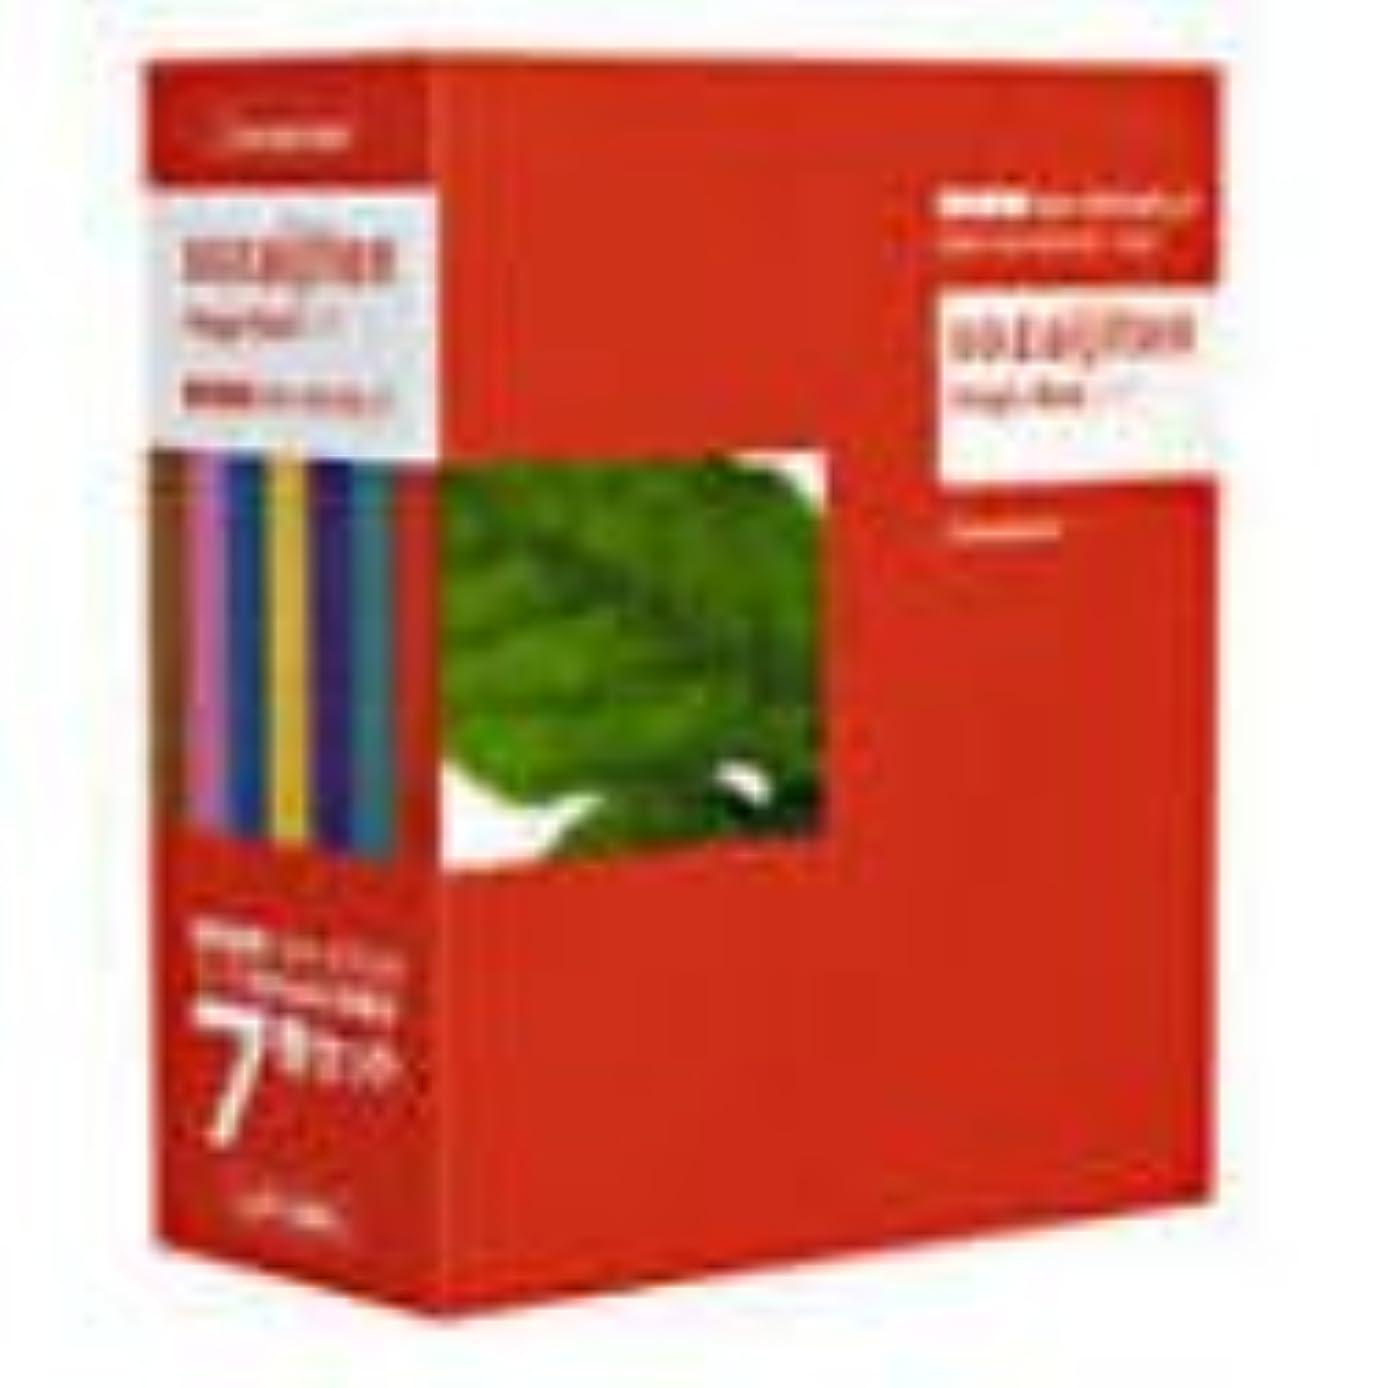 発明するオンス軽食素材辞典 イメージブック 1-7